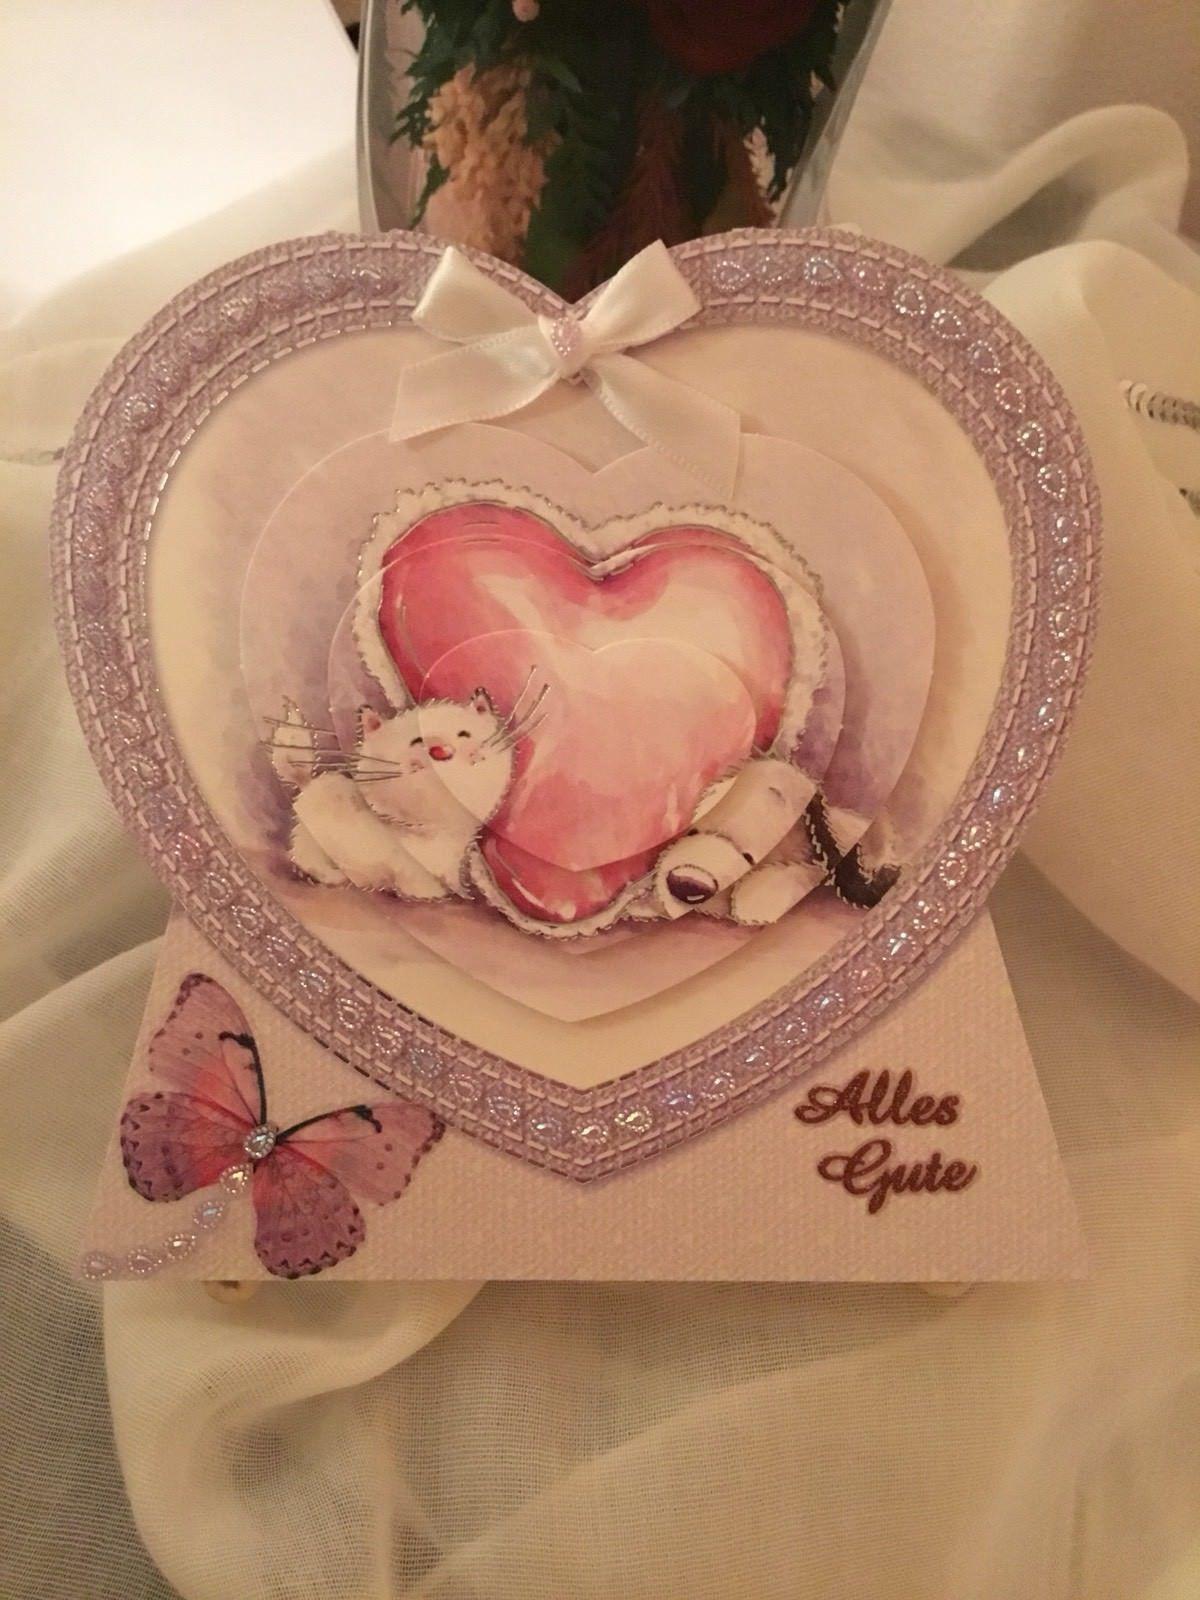 Gluckwunschkarte Zur Hochzeit Verlobung Karten Handarbeit Hochzeitkarten 3d Edel Eur 6 85 Gluckwunschkarte Hochzeit Gluckwunschkarte Grusskarte